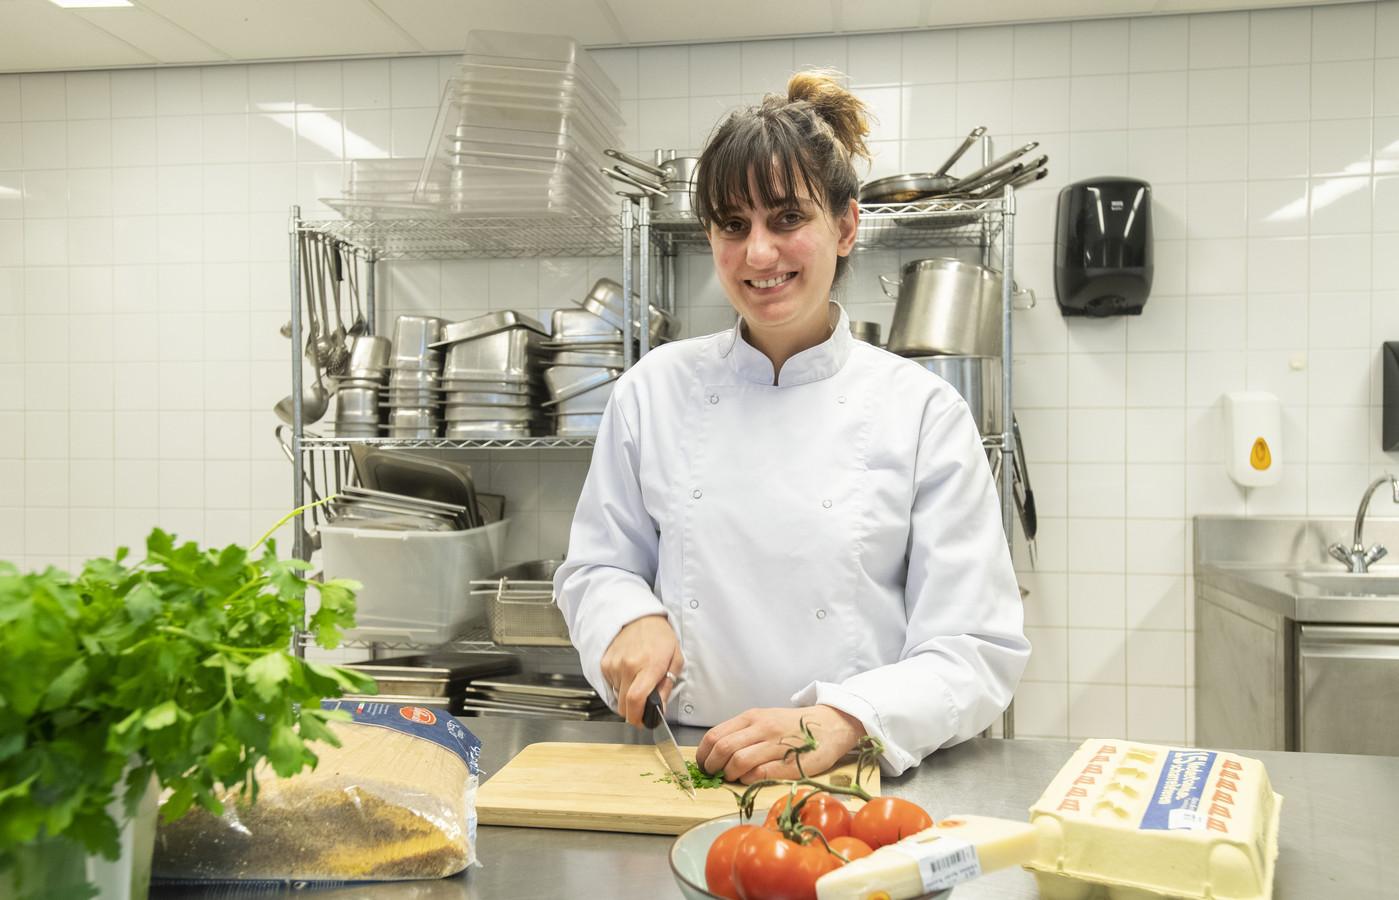 Golsa Amigh is 28 jaar, uit Iran, sinds 8 jaar in Enschede.Heeft sinds kort restaurant in Metropool geopend.